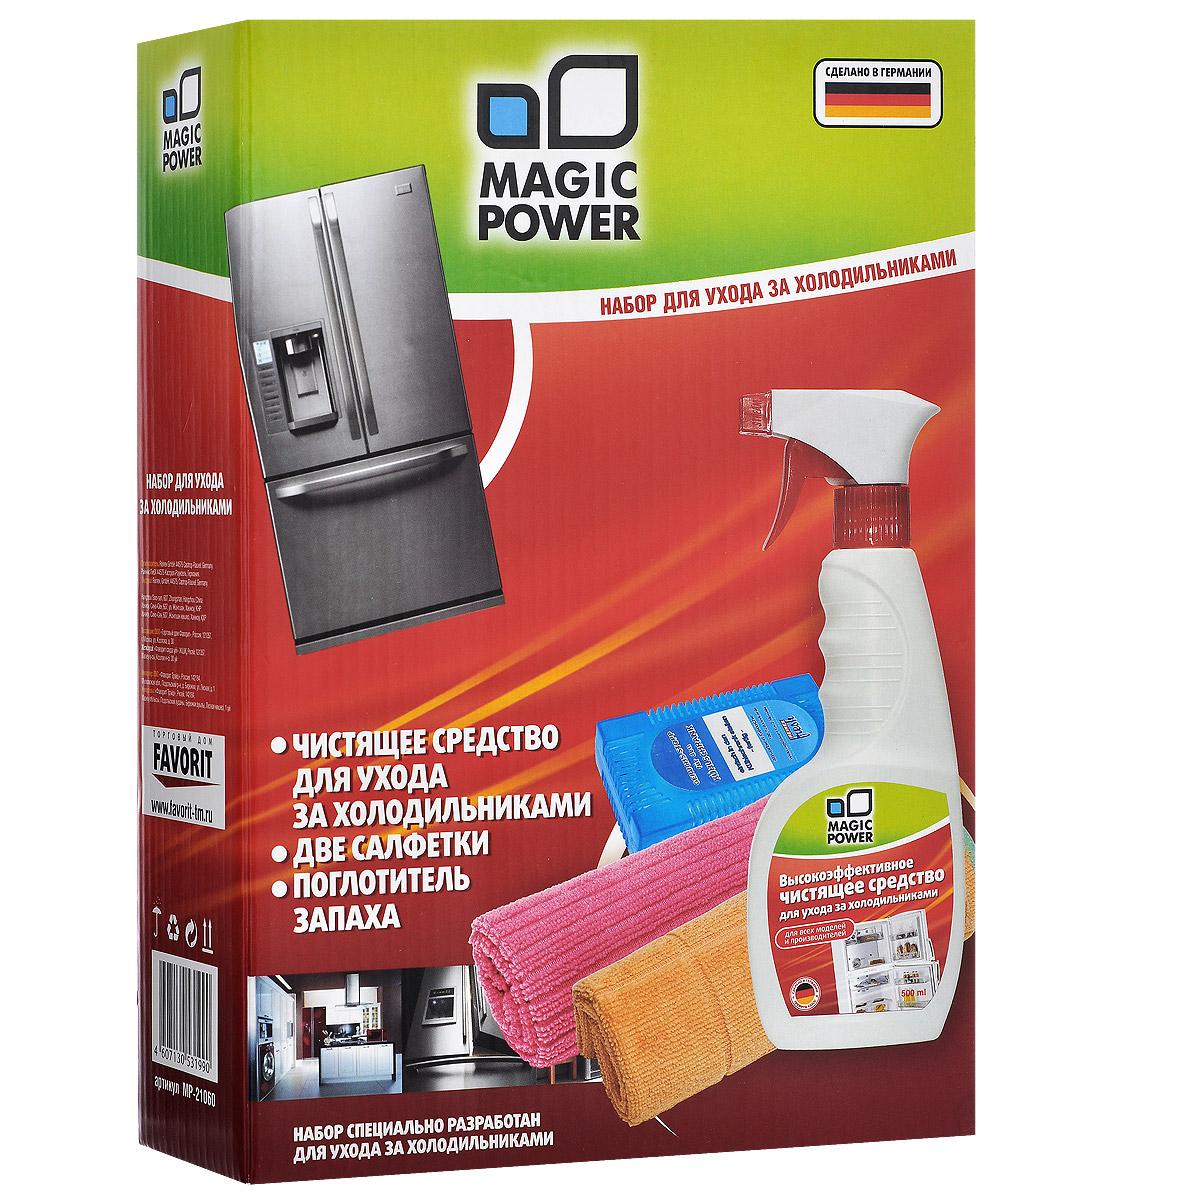 Набор для ухода за холодильниками Magic Power, 4 предметаMP-21060Набор для ухода за холодильниками Magic Power состоит из чистящего средства, двух салфеток и поглотителя запаха. Чистящее средство предназначено для очистки внутреннего и внешнего пространства холодильника. Обладает антибактериальным действием, предотвращает образование плесени. Объем: 500 мл. Салфетка из микрофибры для ухода за холодильниками (35 см х 40 см) предназначена для очистки внутренней и внешней поверхности холодильника от любых загрязнений, для полировки и придания блеска. Не оставляет разводов и ворсинок. Обладает повышенной прочностью. Салфетка из микрофибры для ухода за бытовой техникой (30 см х 30 см) быстро и легко удаляет любые загрязнения, не оставляет разводов и ворсинок, обладает повышенной прочностью, хорошо впитывает влагу. Можно использовать как самостоятельно, так и с любым средством по уходу за бытовой техникой. Высокоэффективное средство для поглощения запахов в холодильнике содержит гранулы активированного...